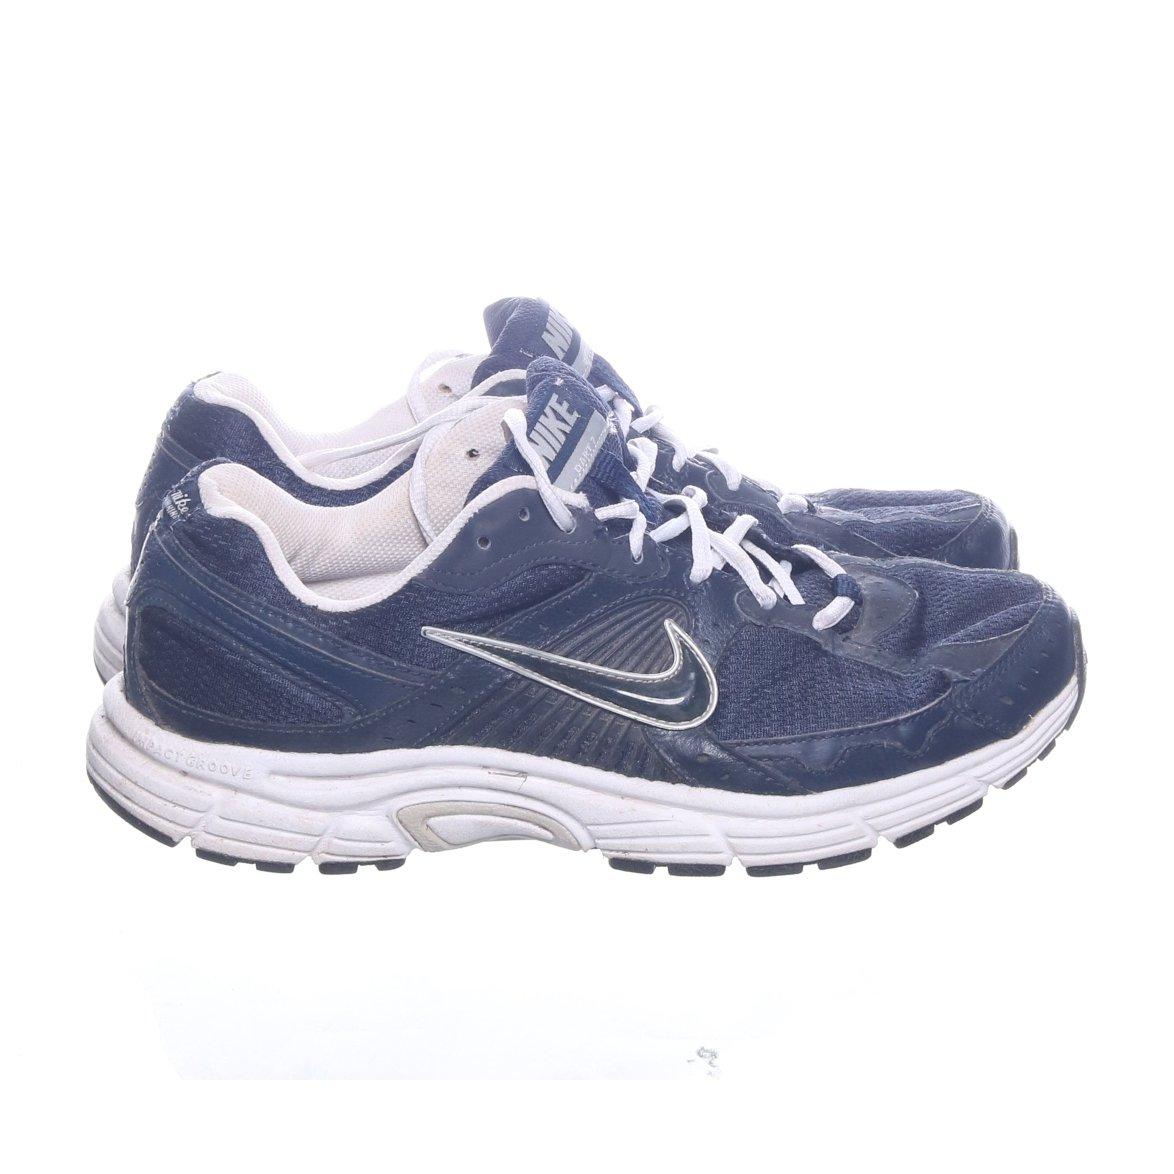 outlet store d87ad b1856 Nike, Träningsskor, Strl  43, Support zone, Blå Vit